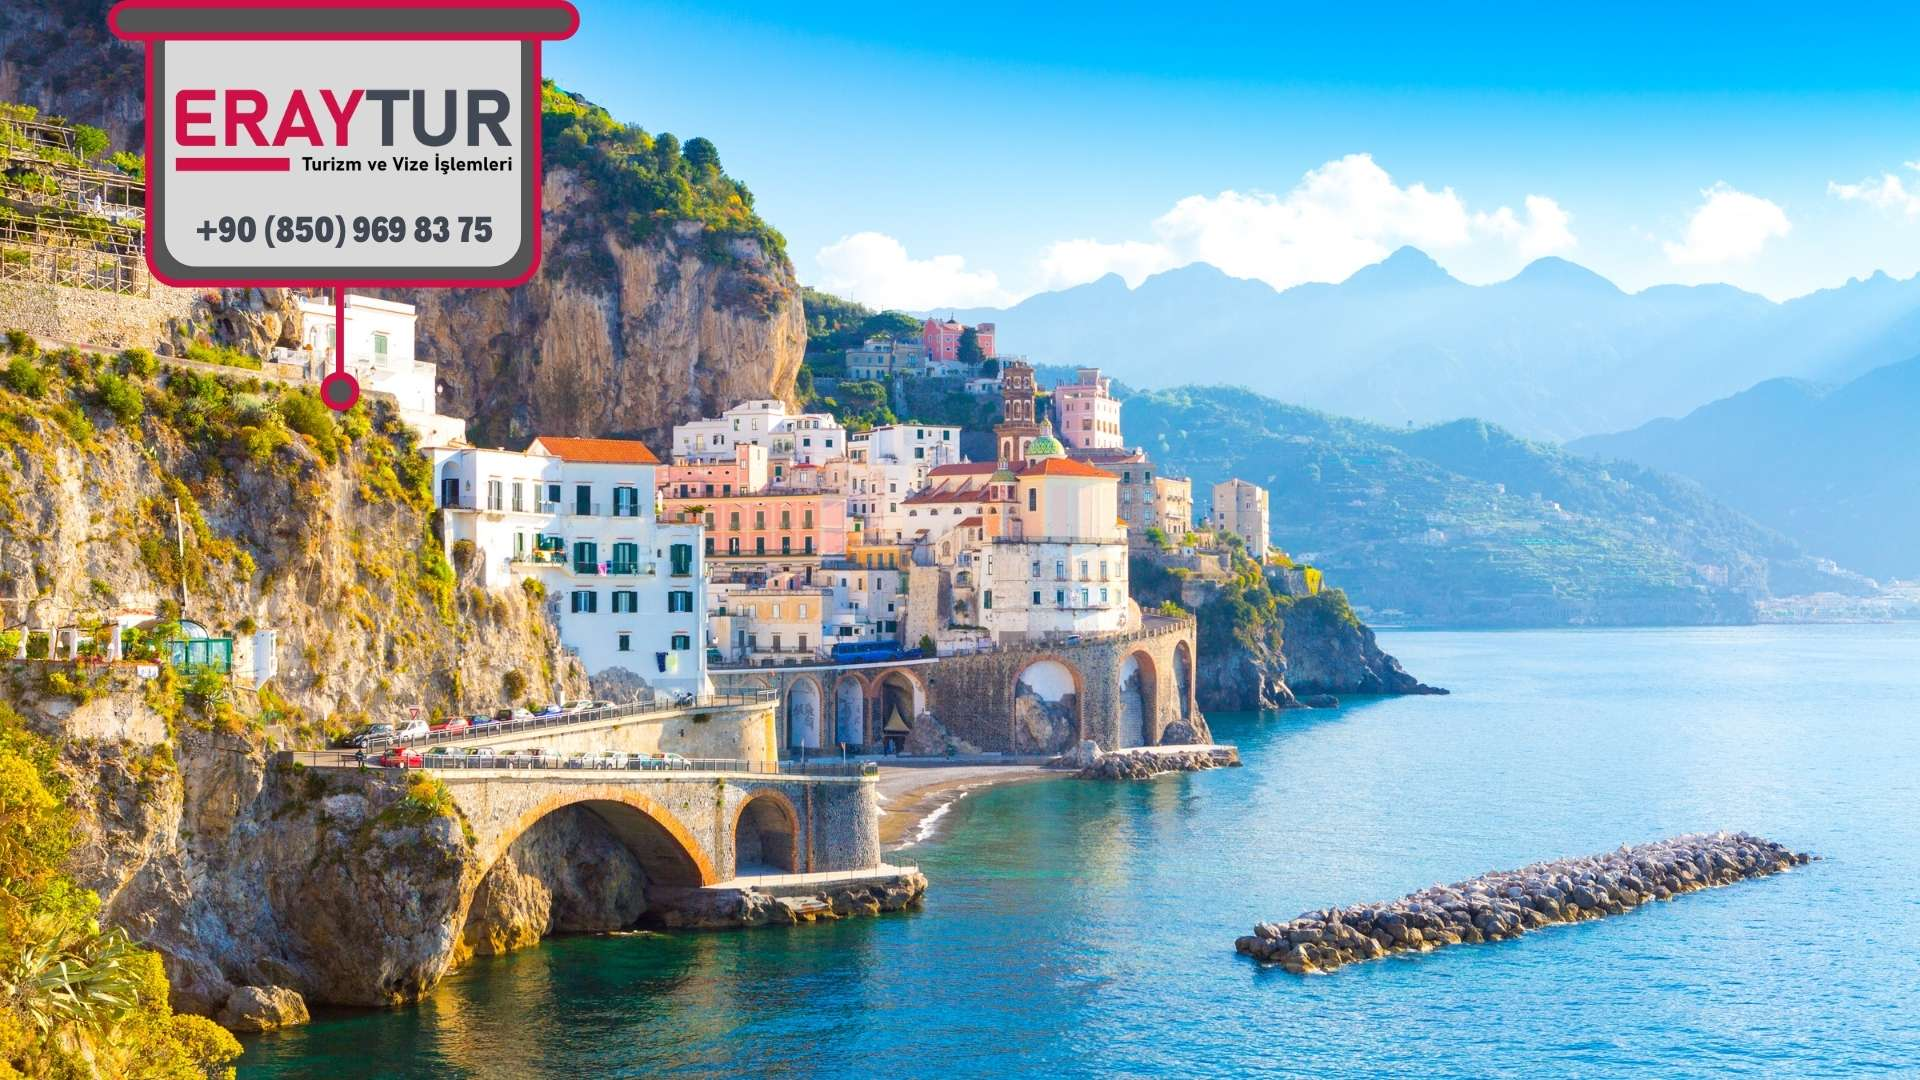 İtalya Turistik Vizesi İçin Gerekli Evraklar